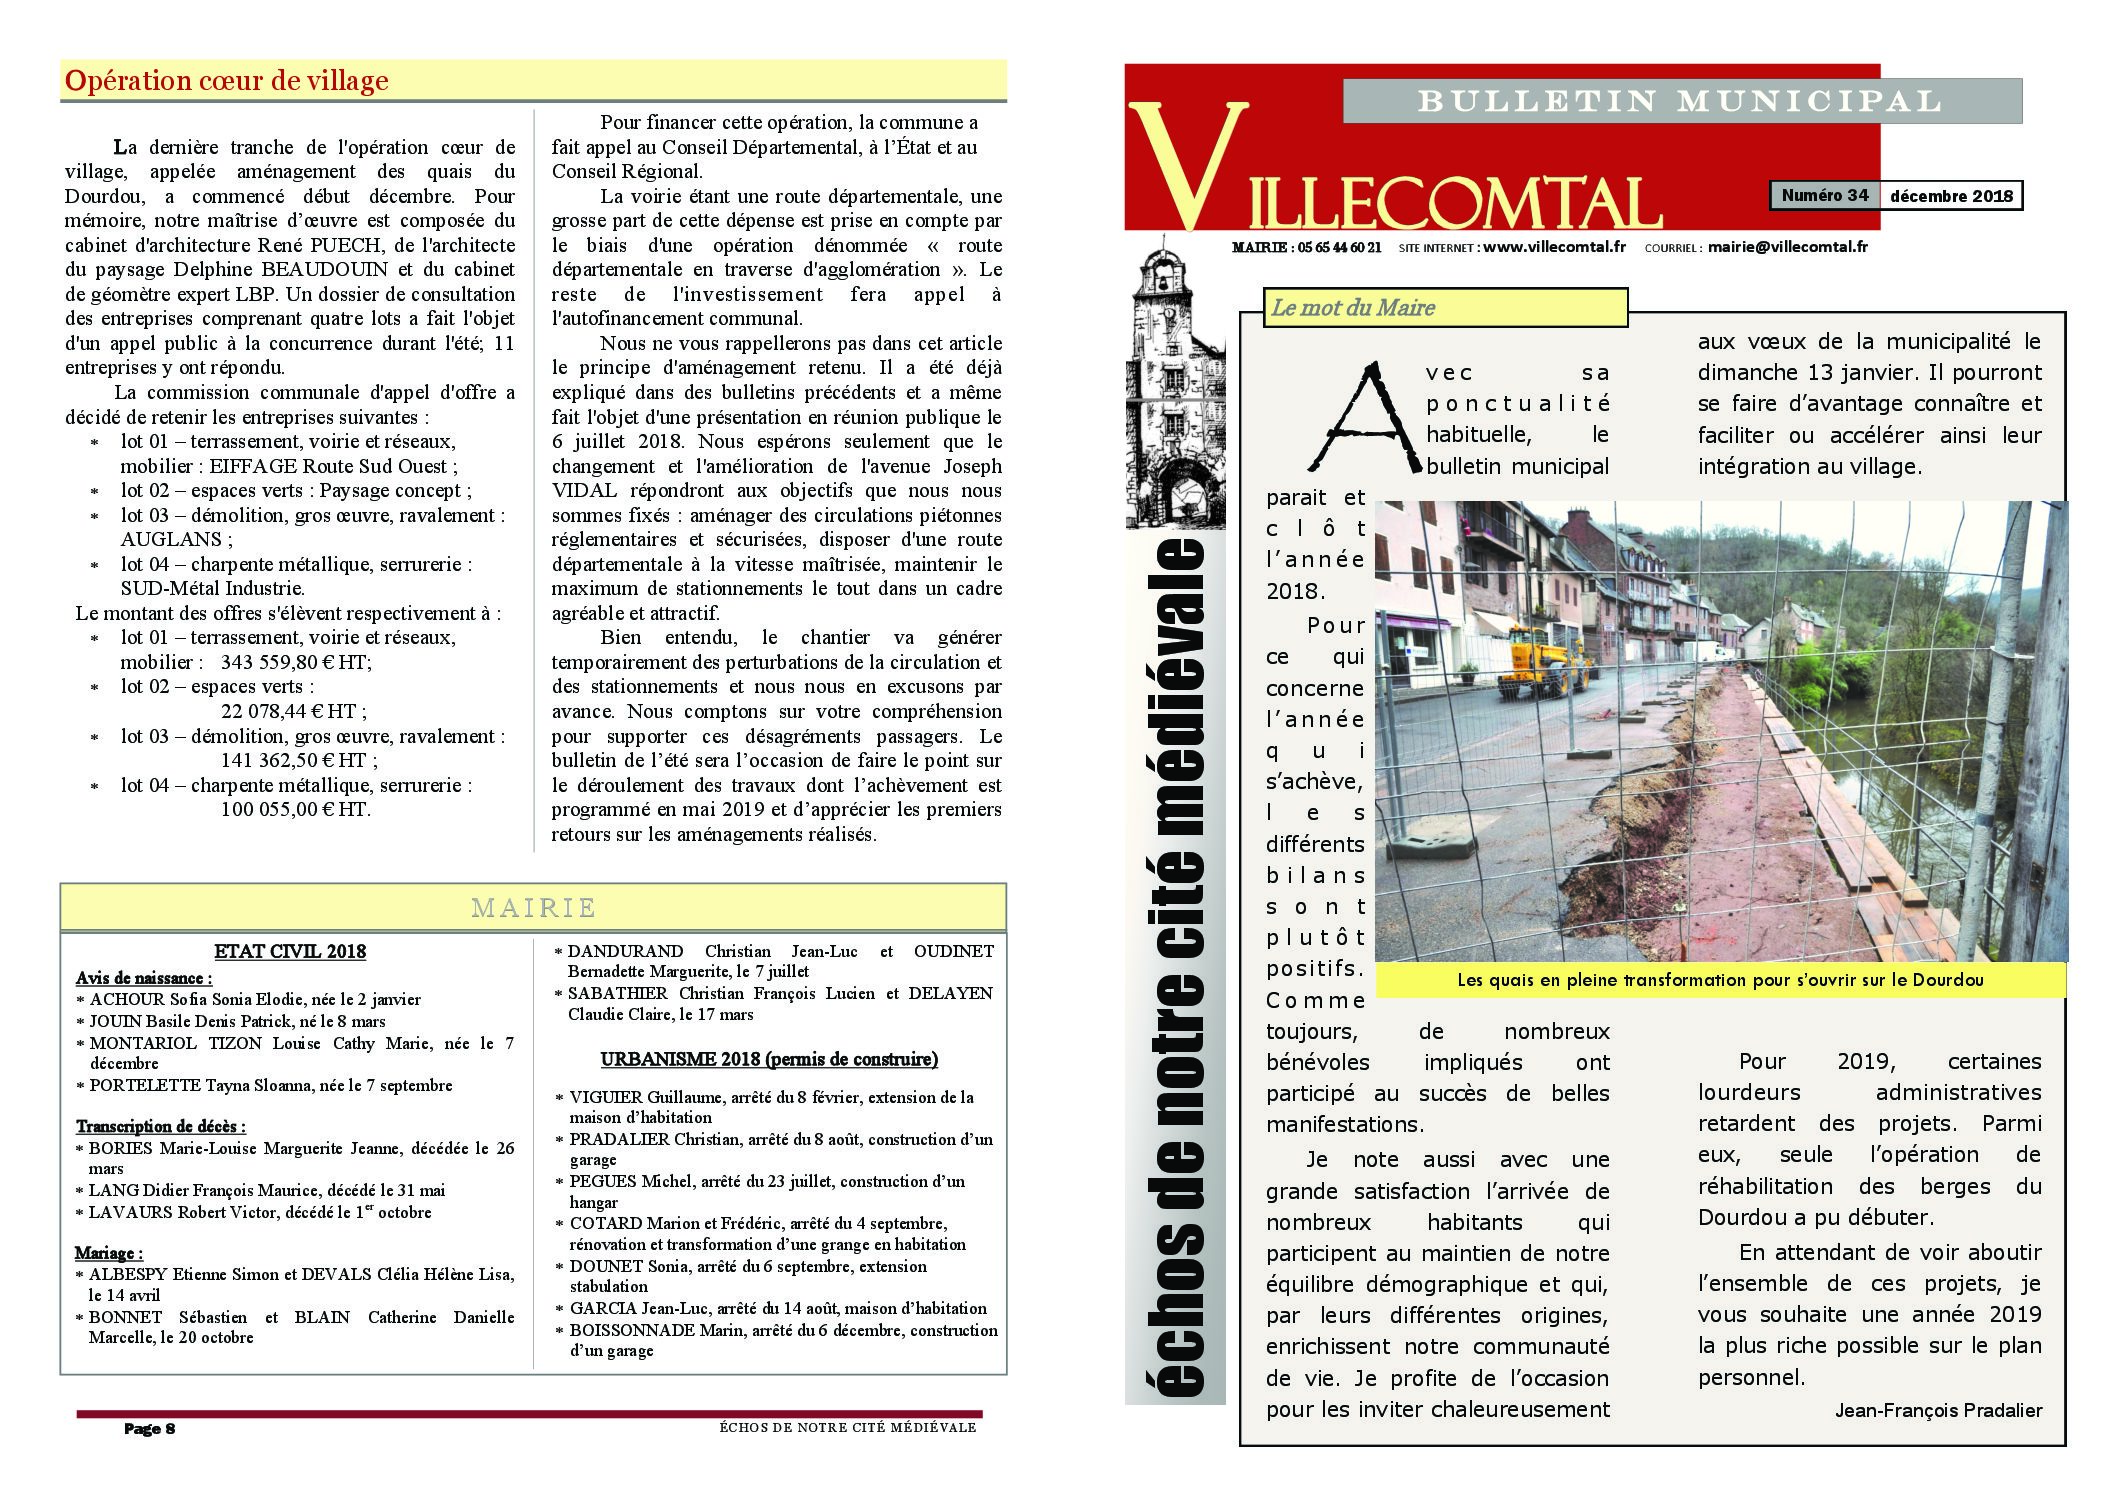 Bulletin municipal n°34